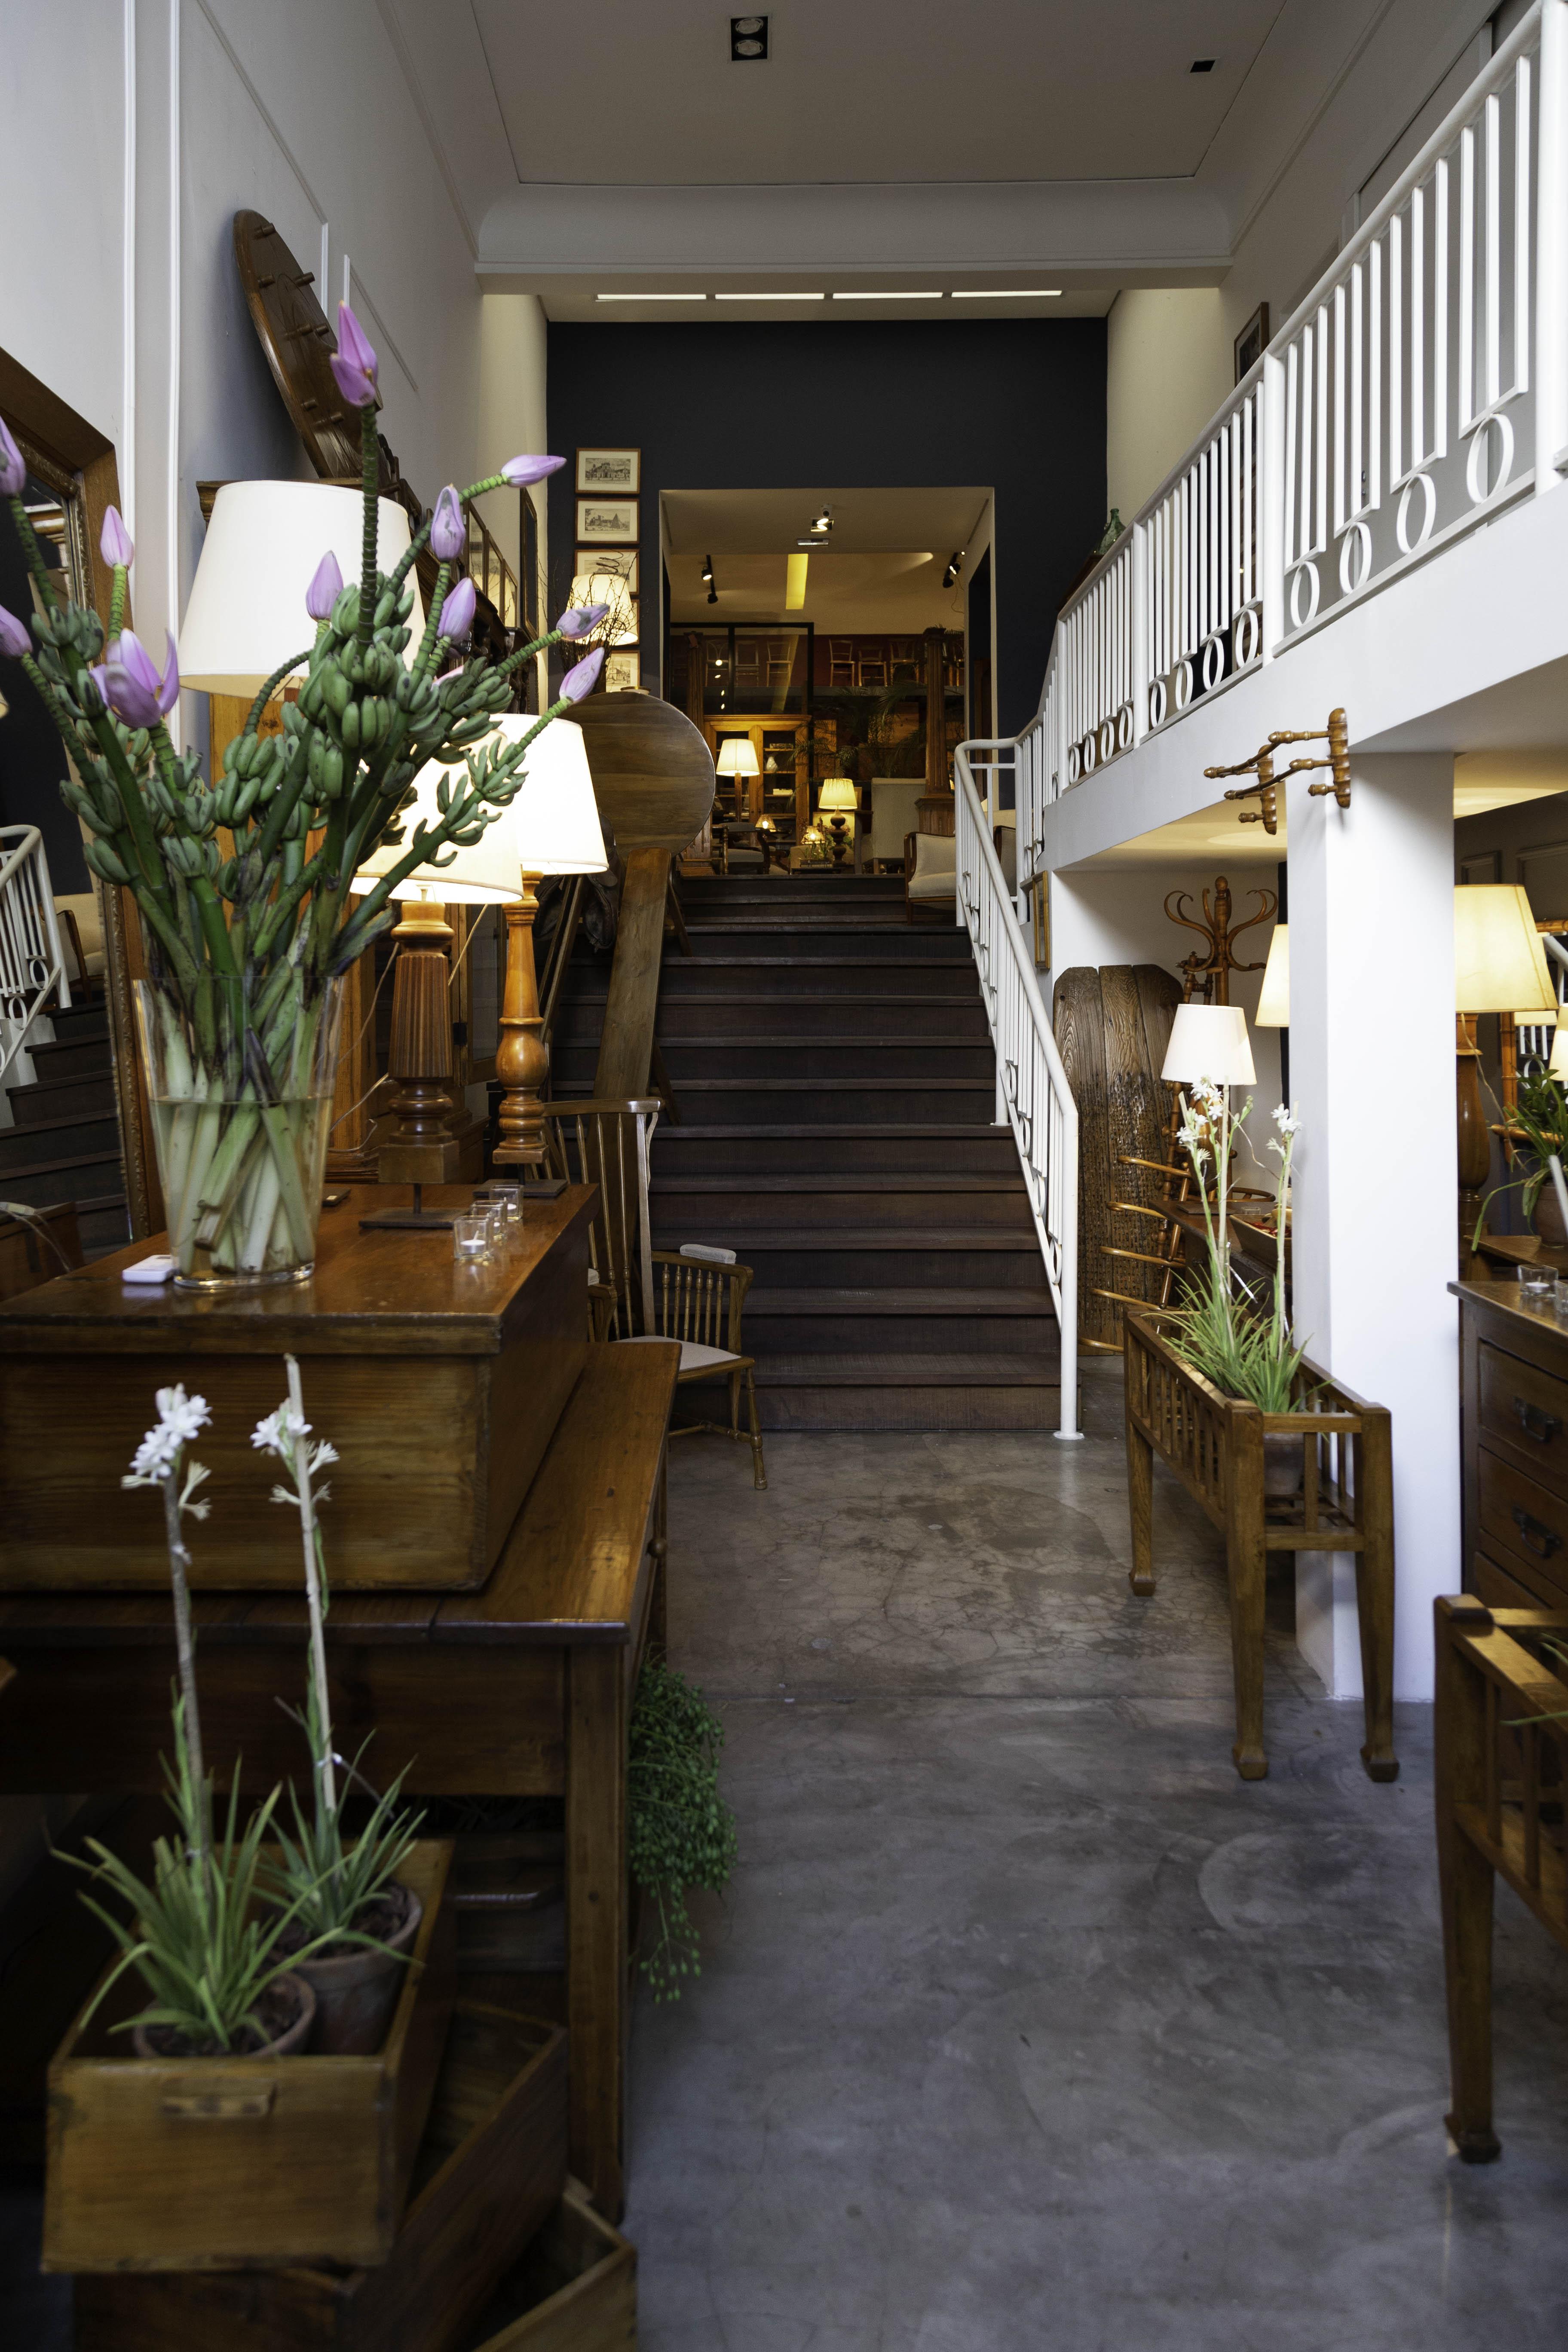 Entrada de loja exibe planta à esquerda e móveis posicionados nos cantos de um longo corredor com escada aos fundos.